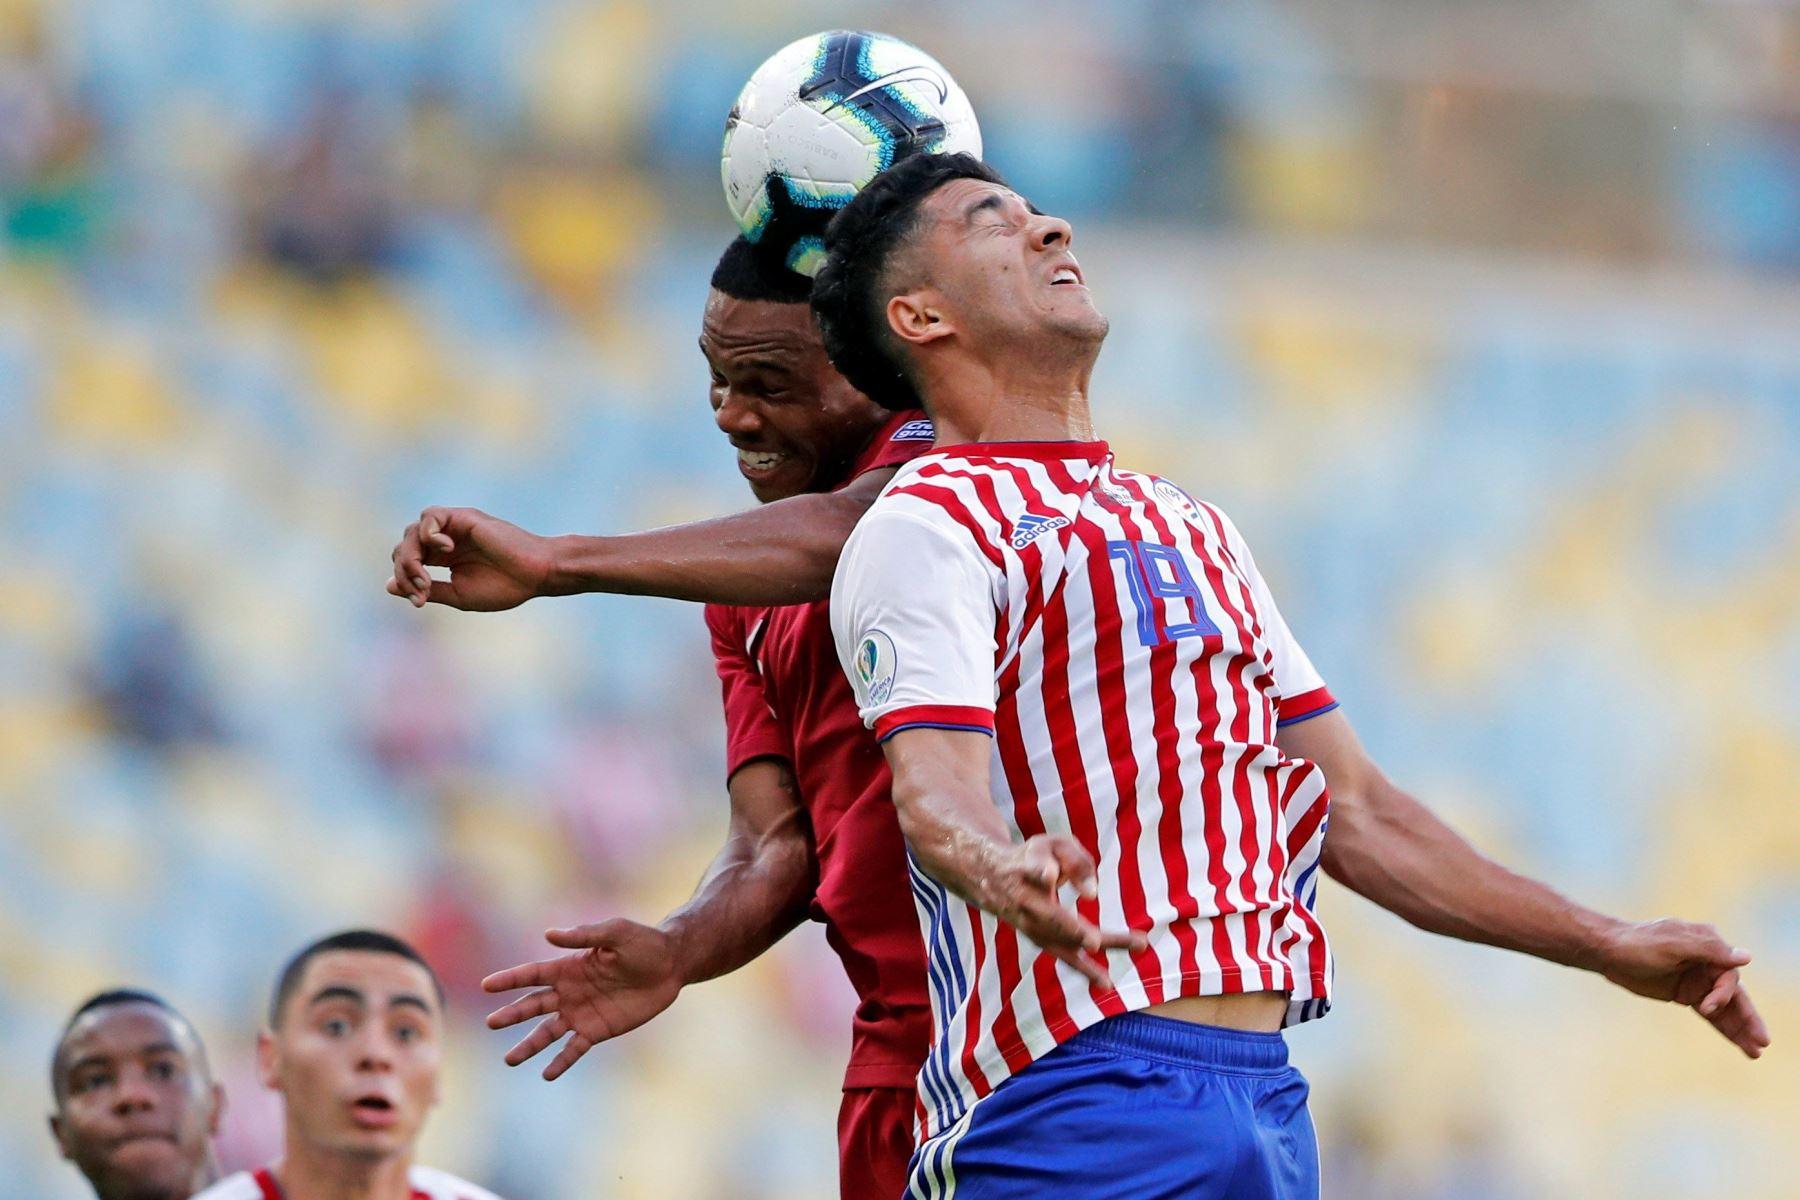 Cecilio Domínguez (d) de Paraguay y Almoez Abdooulla de Catar saltan por el balón durante el partido Paraguay-Catar del Grupo B de la Copa América de Fútbol 2019, en el Estadio Maracanã de Río de Janeiro. Foto: EFE